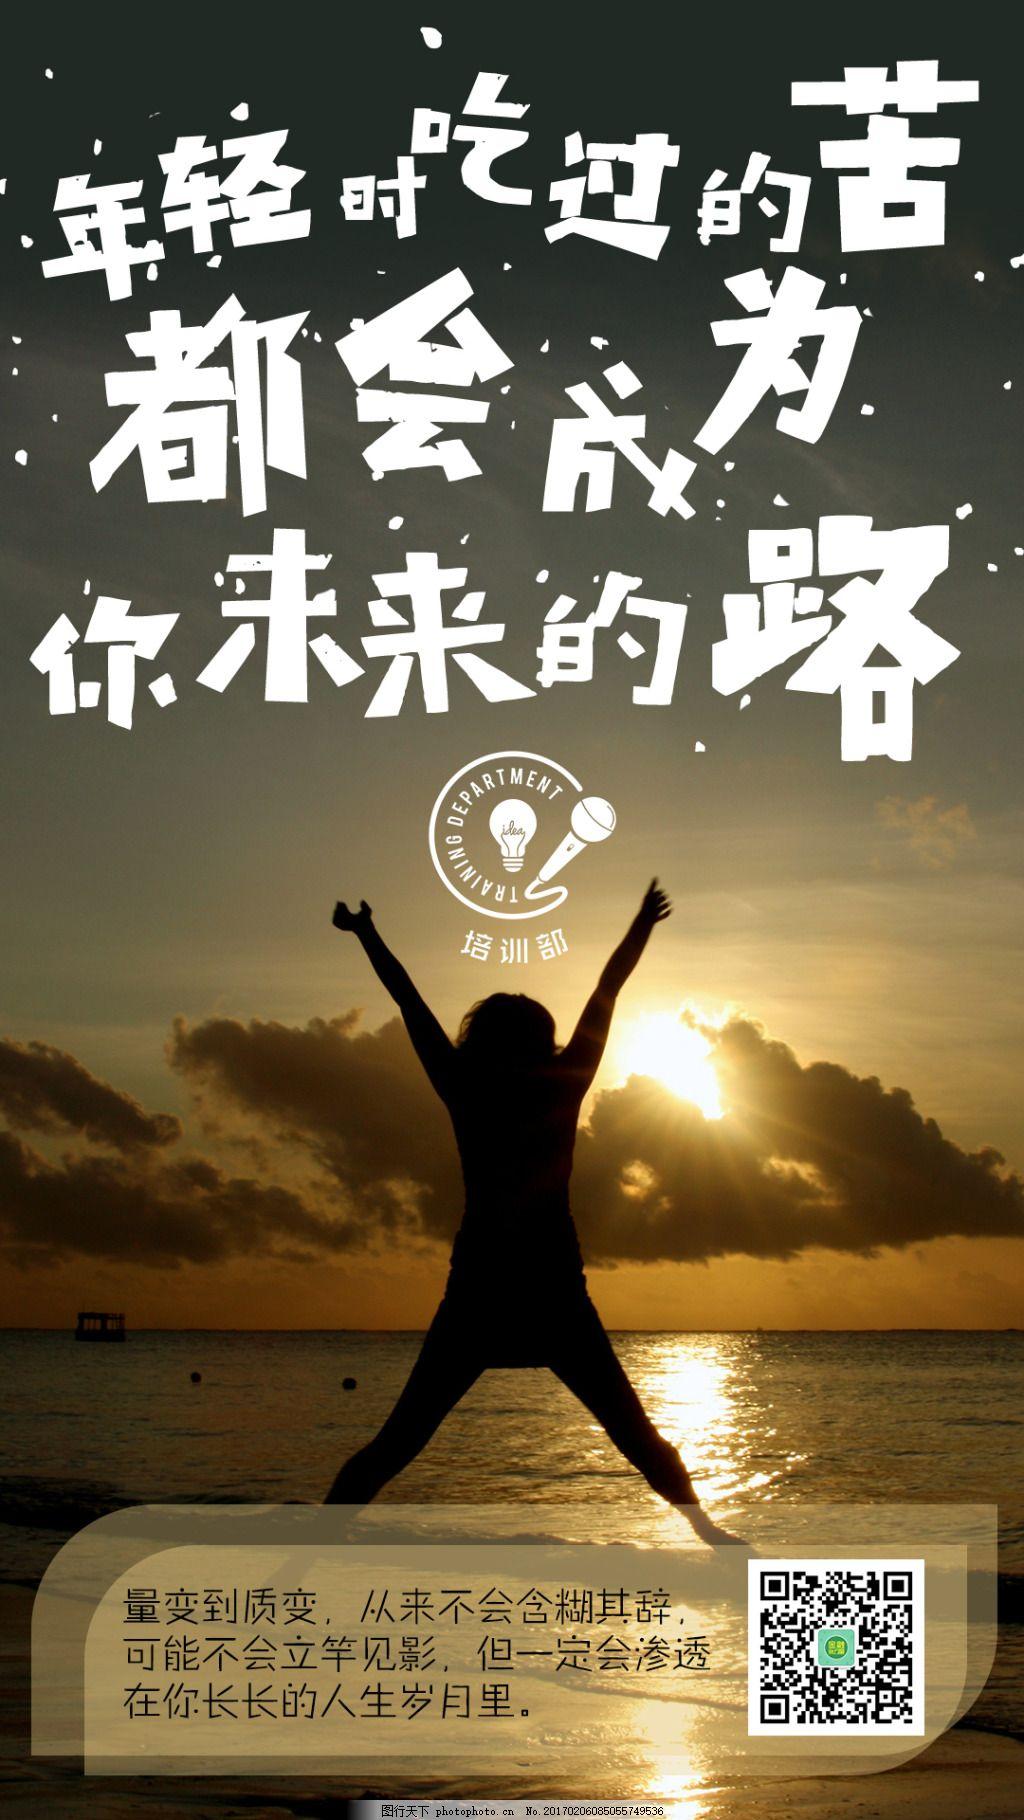 心灵鸡汤正能量海报 励志 心灵鸡汤 正能量 海报 人物 阳光背影 海边